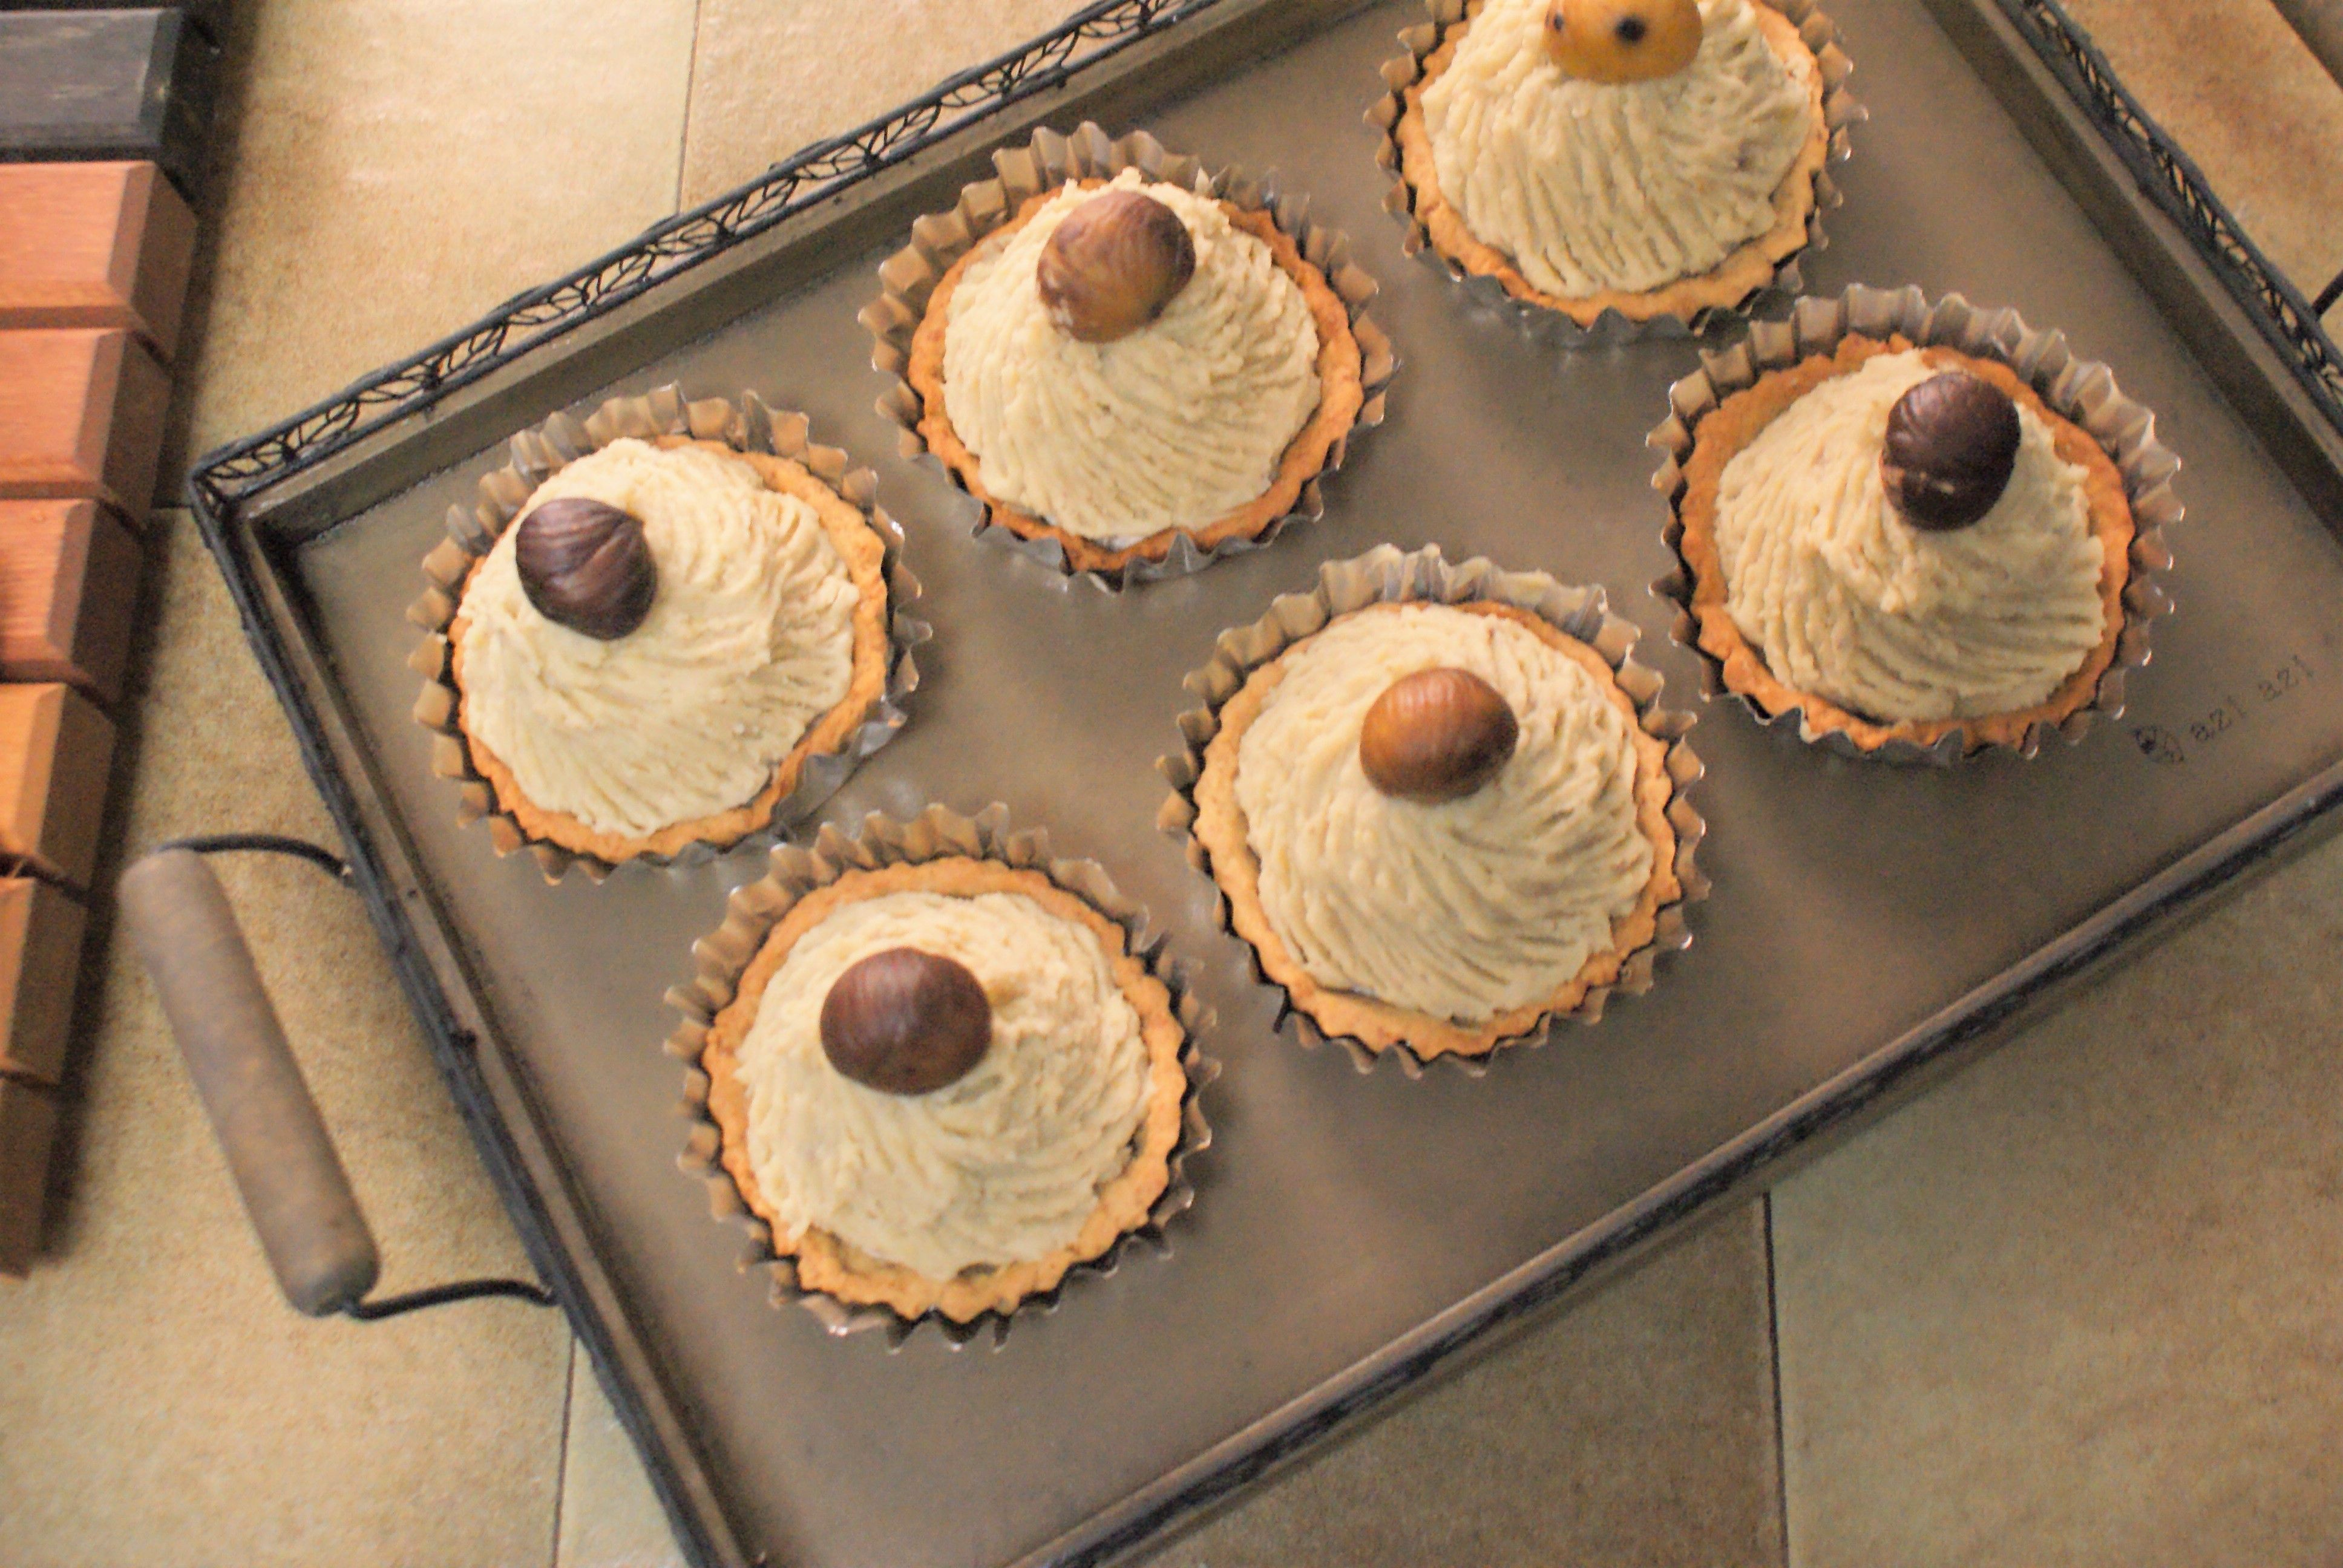 生クリームなし 砂糖なし 簡単 本格モンブランの作り方 食べ物のアイデア メニュープランナー 簡単